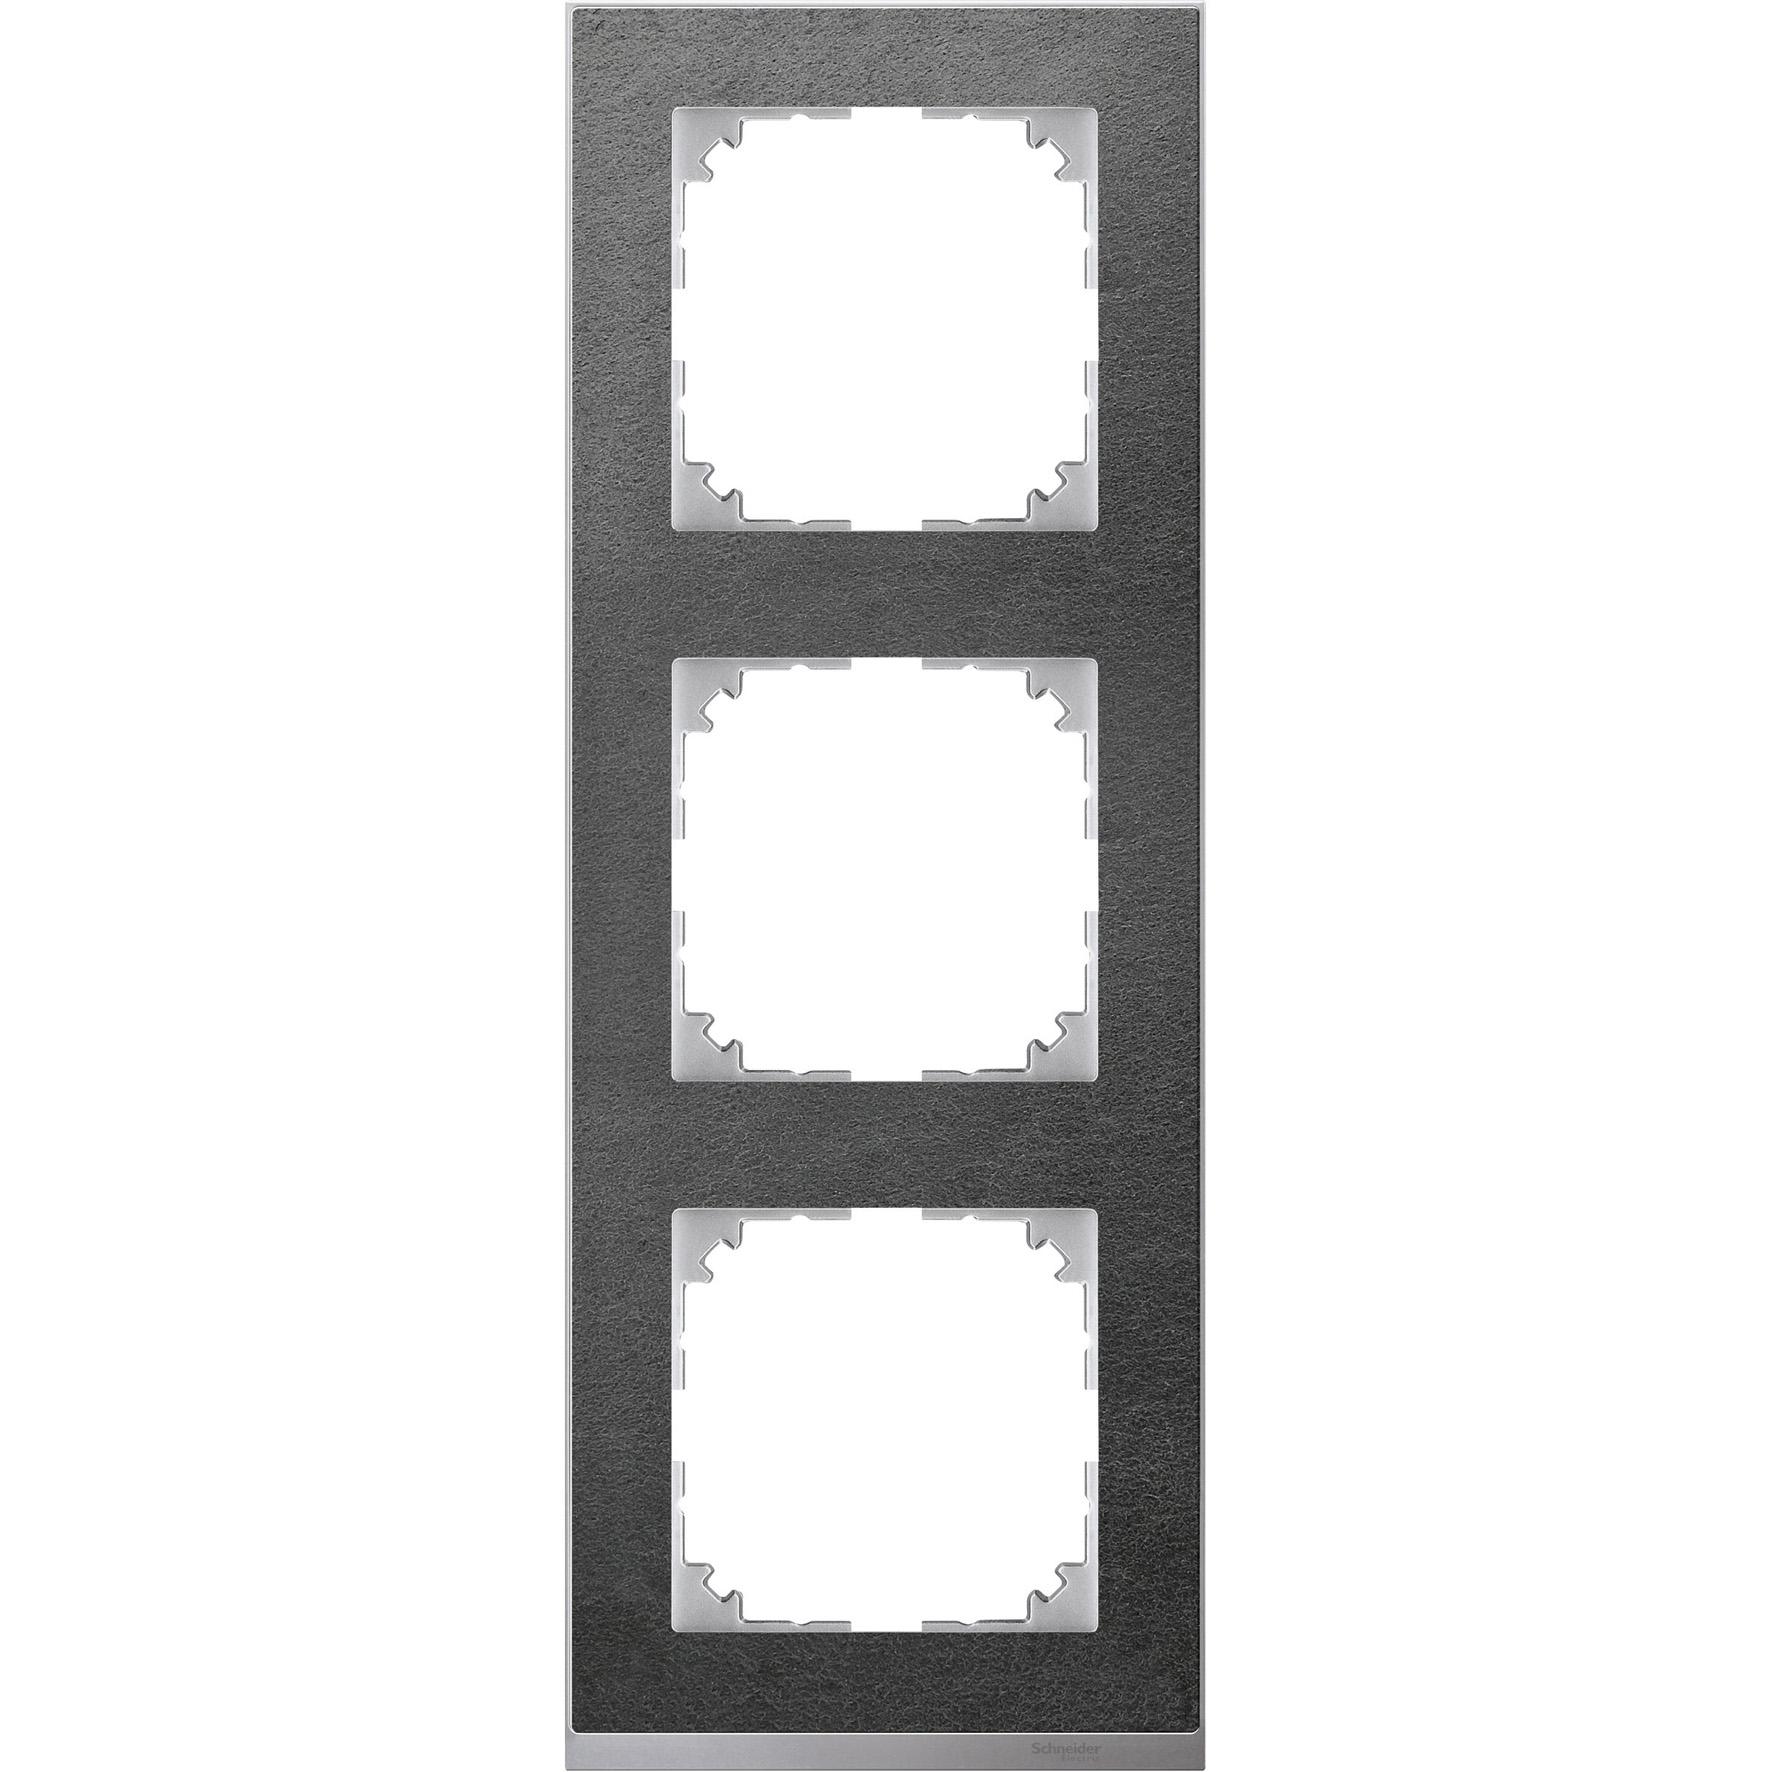 Schneider-Merten M-Pure Décor 3-voudig afdekraam - steen/aluminium (MTN4030-3669)